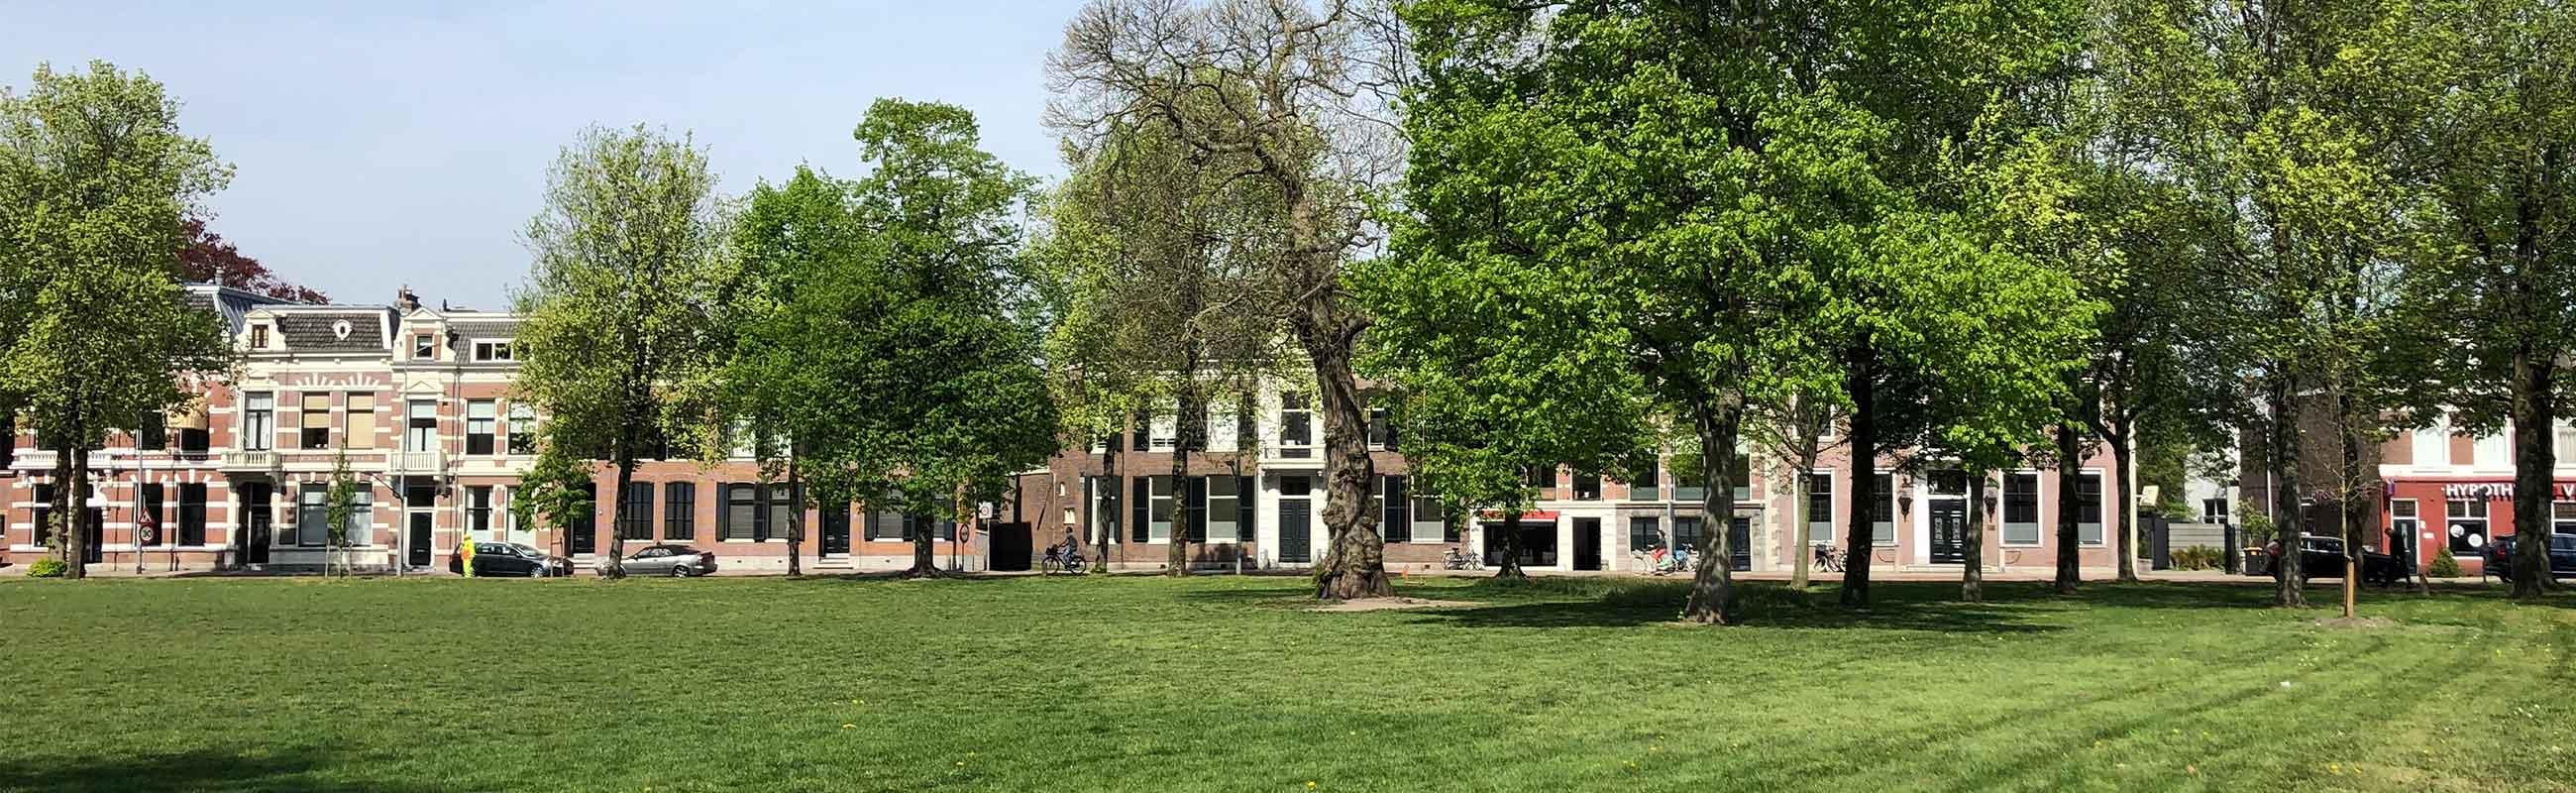 koopwoningen in het Florapark in het Haarlemmerhoutkwartier in Haarlem